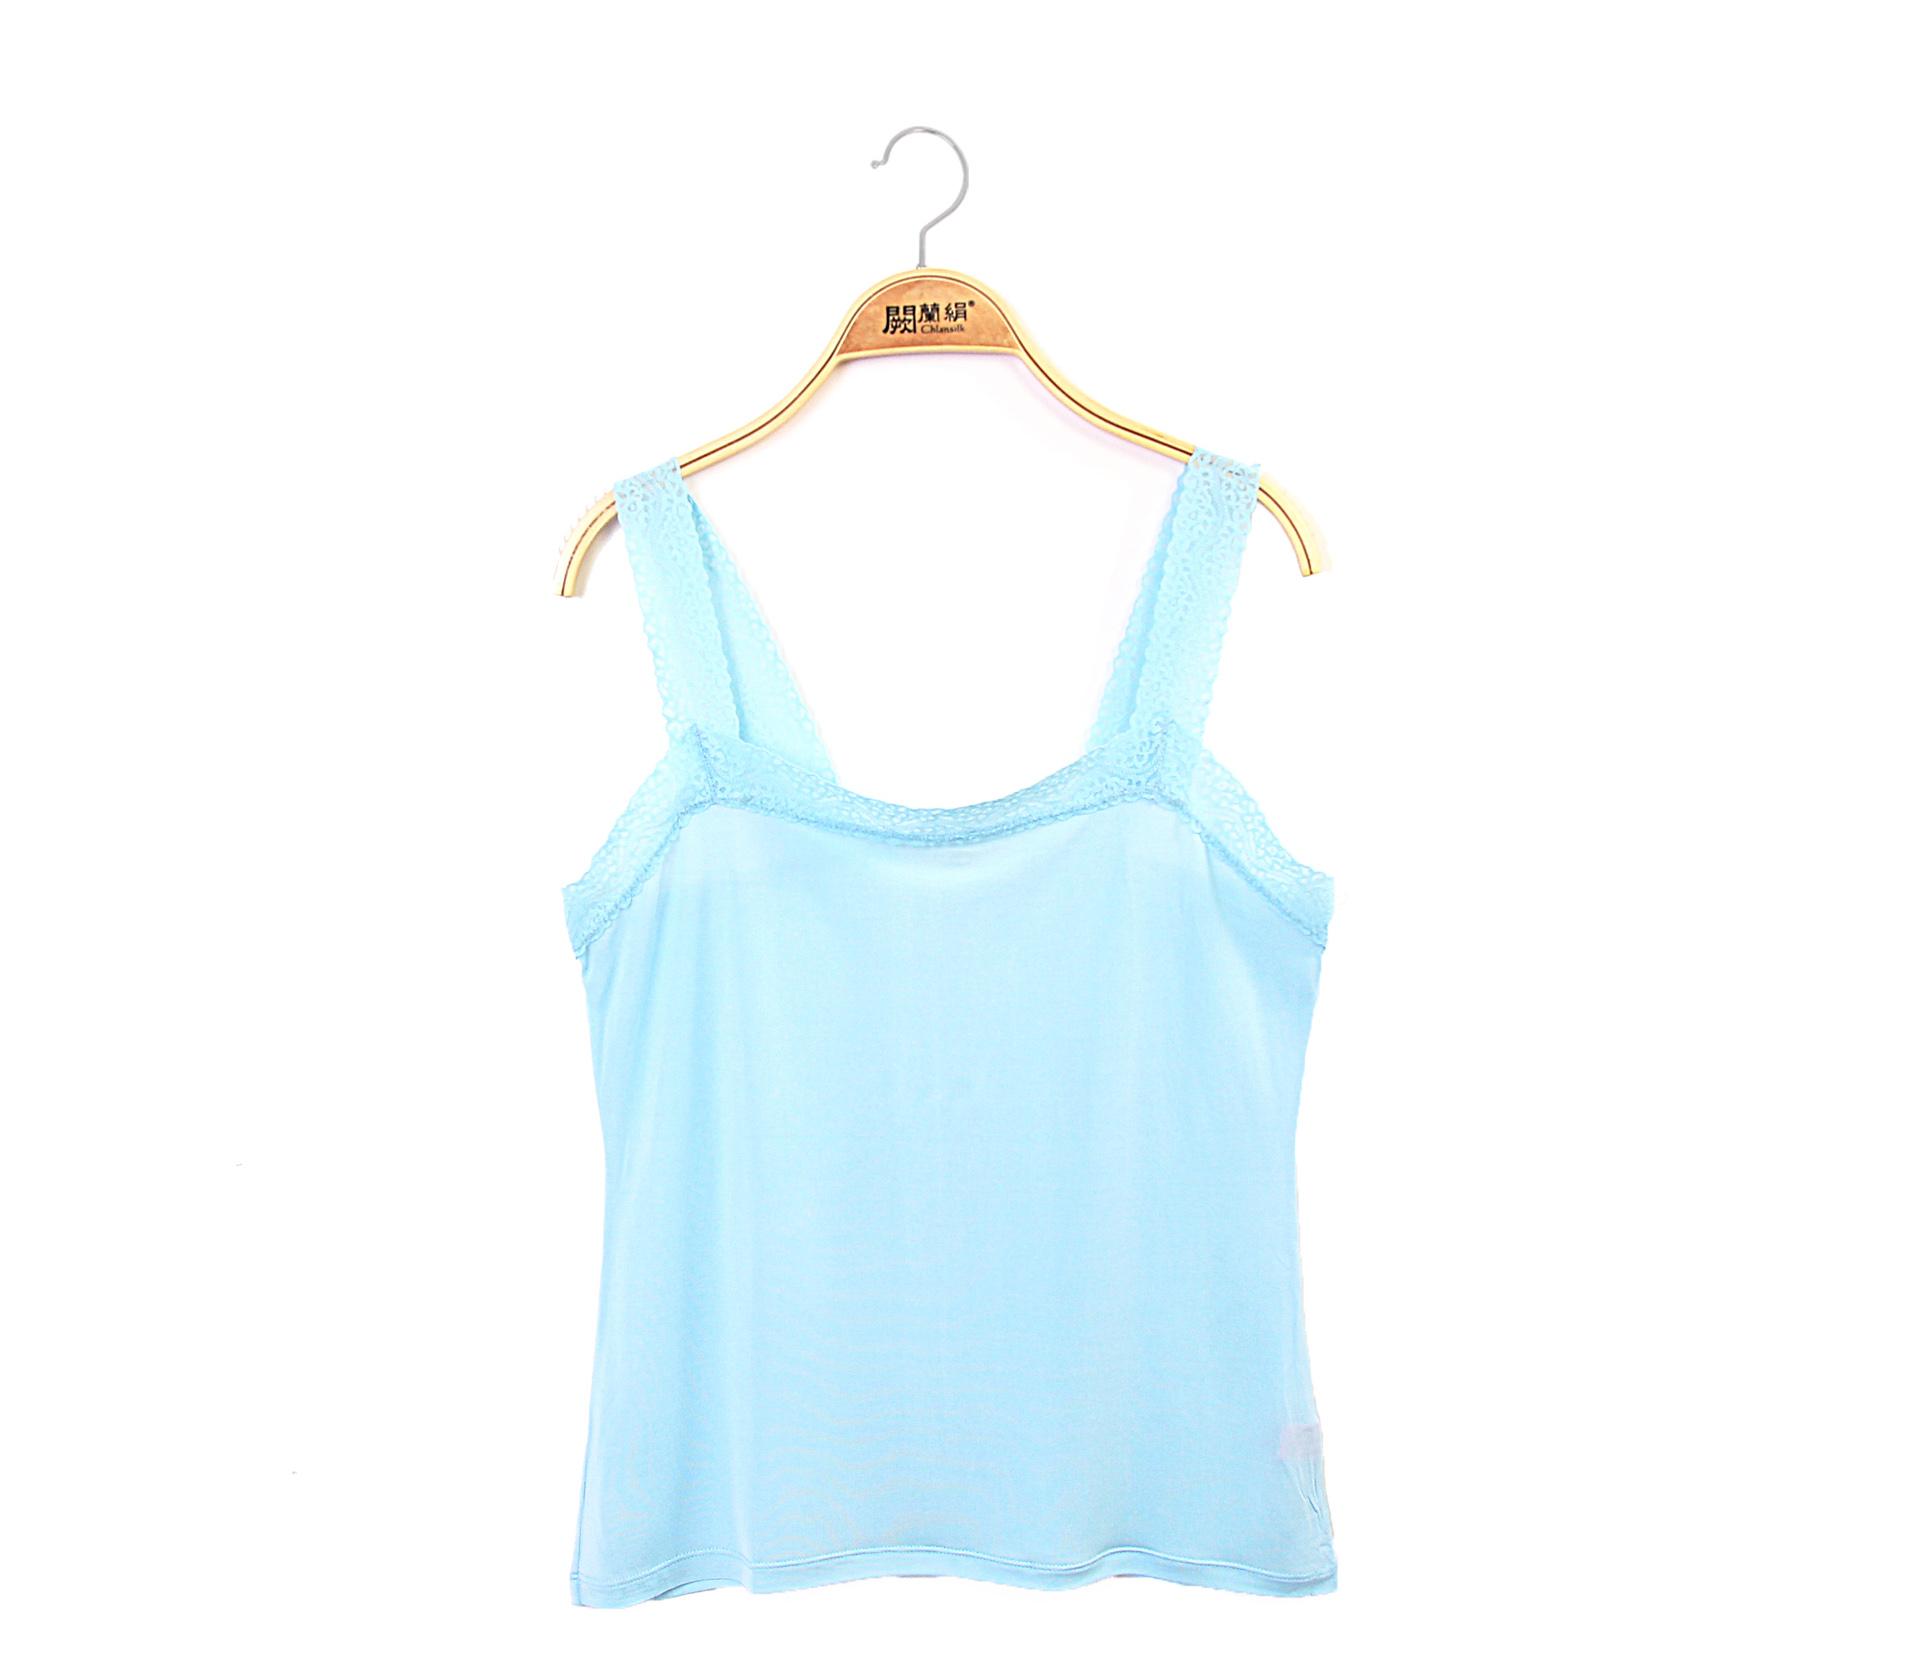 闕蘭絹親膚舒適100%蠶絲背心-9910(藍)